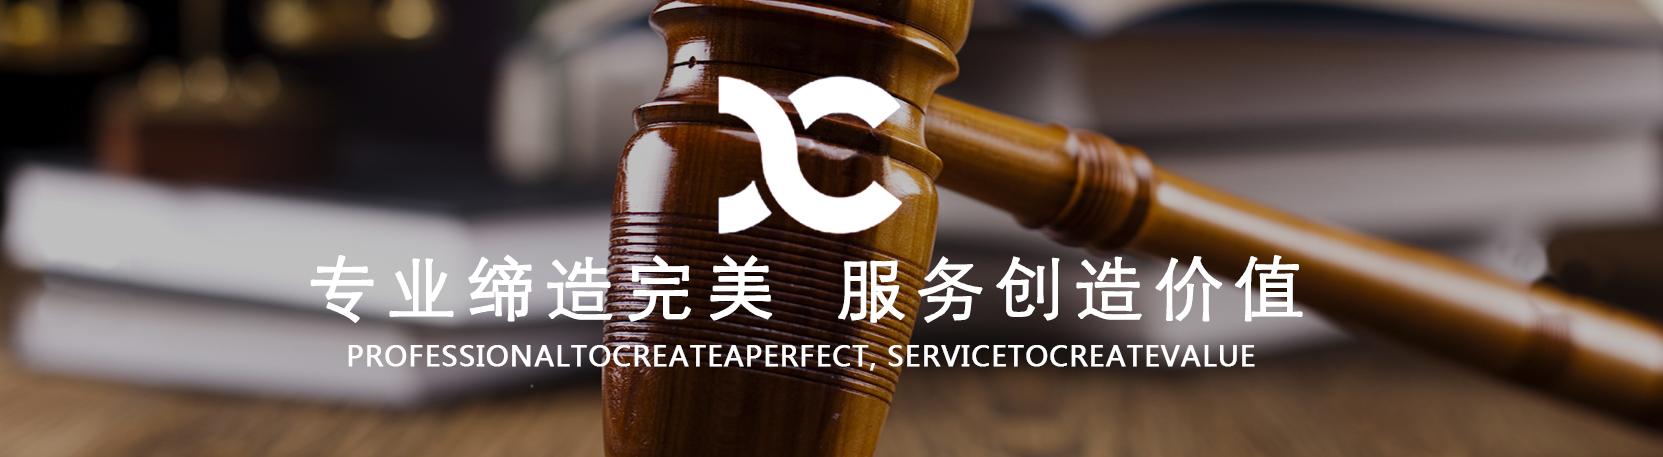 北京中小型企业法律顾问律师